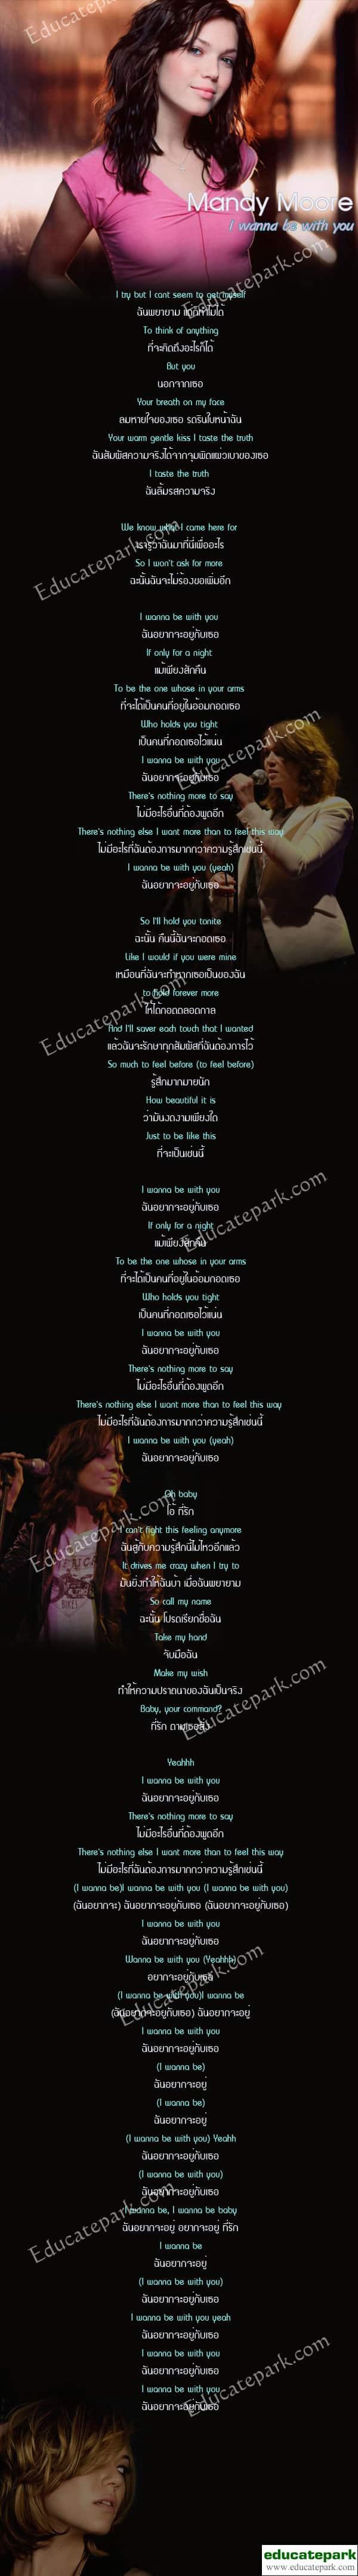 แปลเพลง I wanna be with You - Mandy Moore